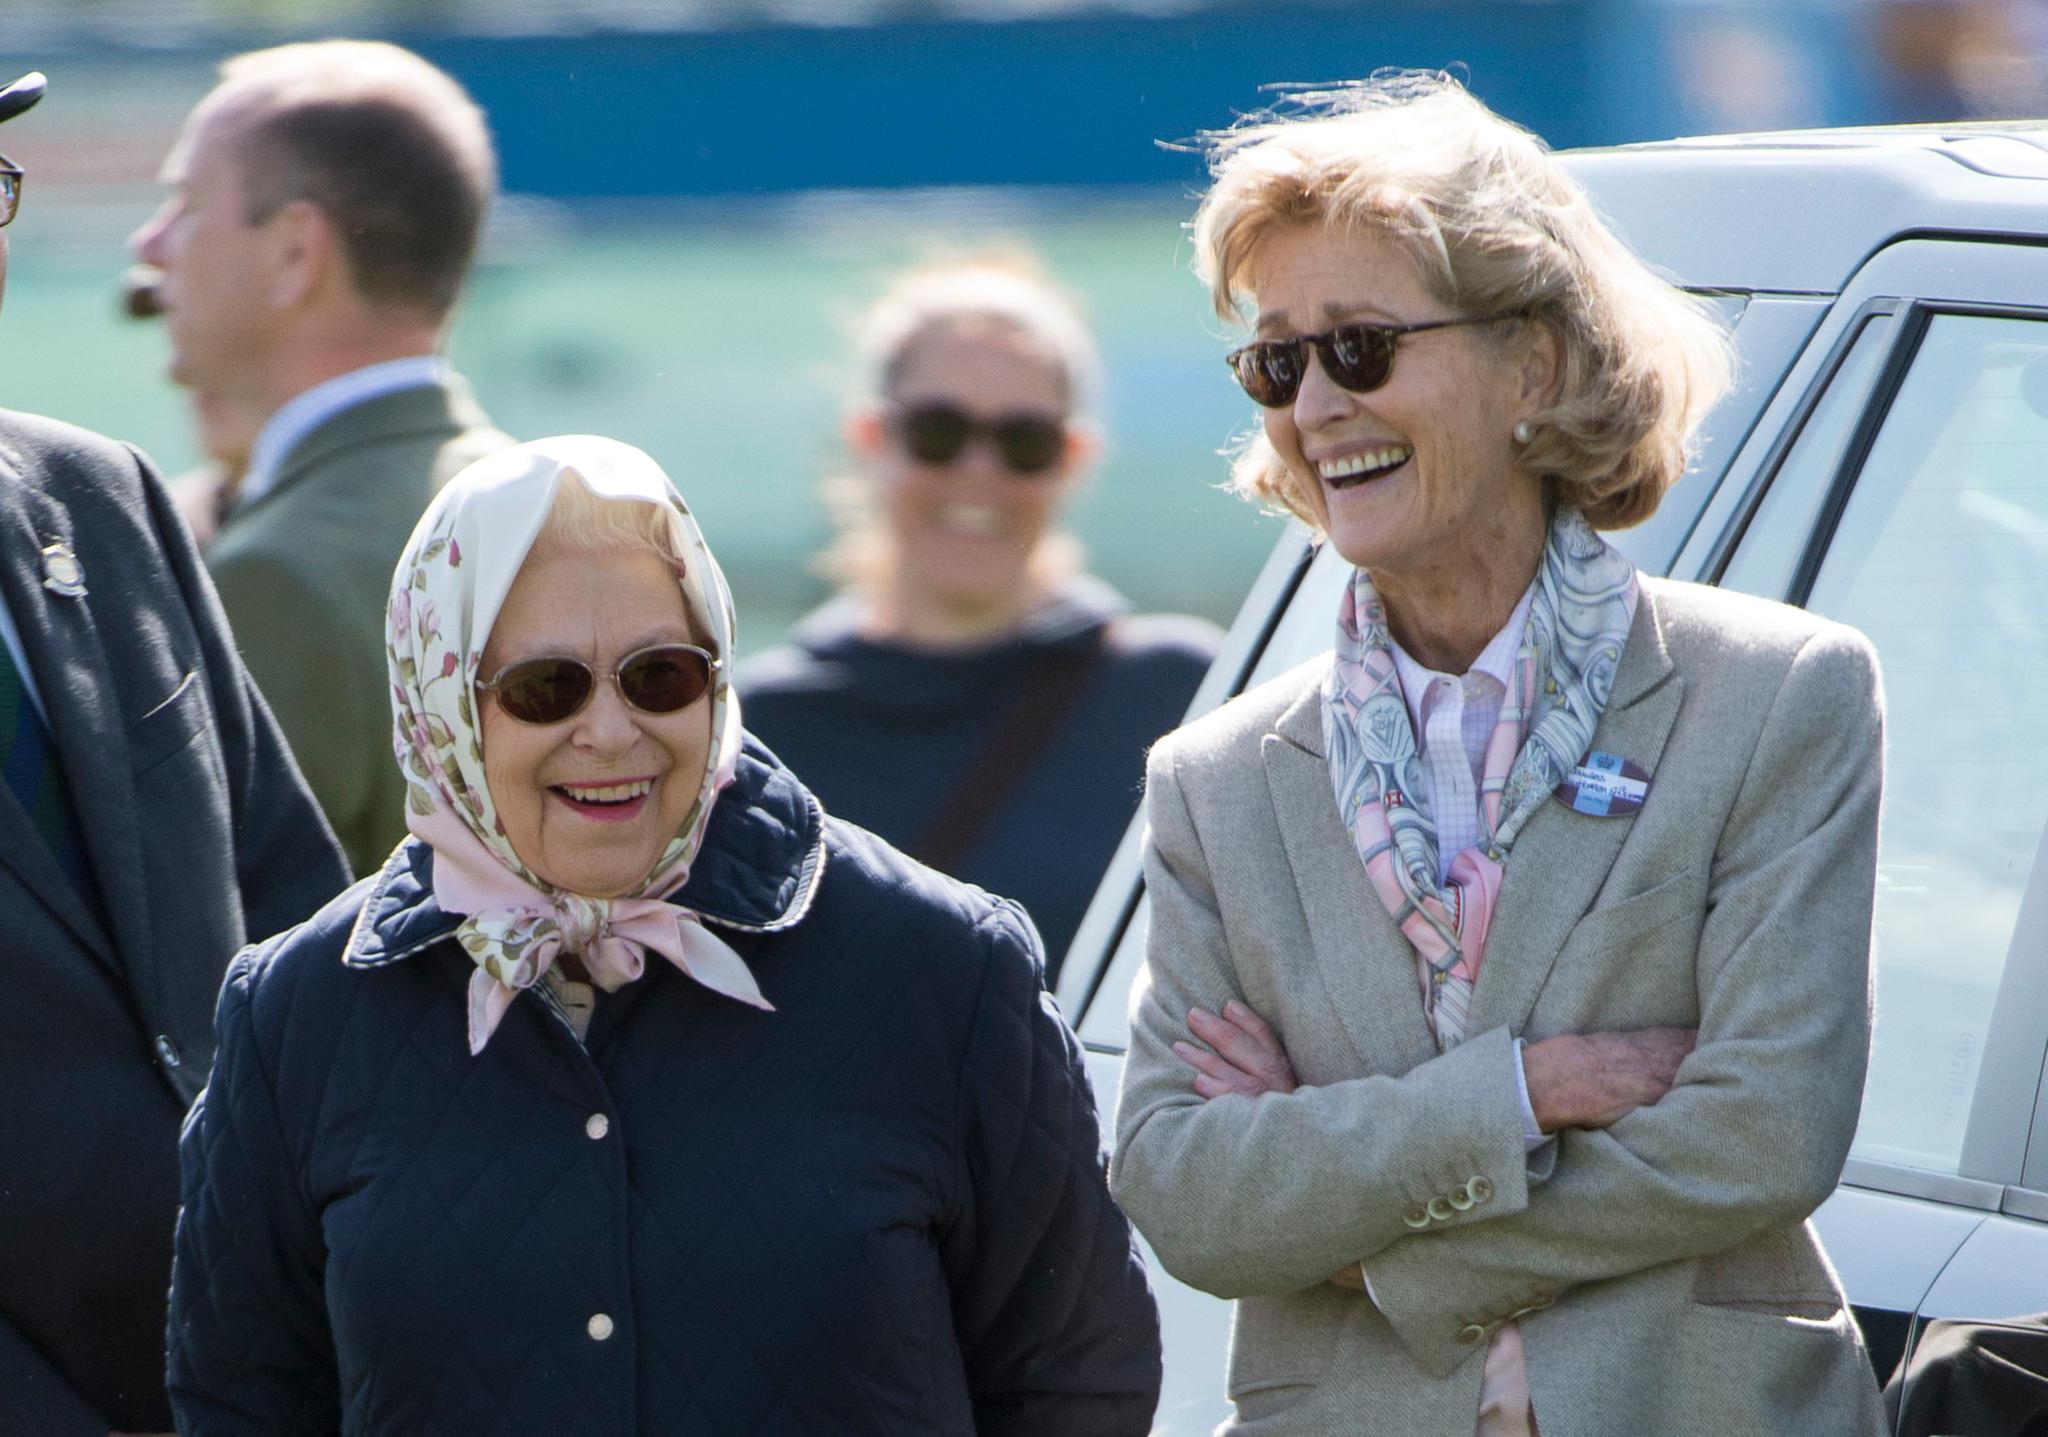 Diese beiden verstehen sich blendend: Queen Elizabeth undPenelope Knatchbull, Gräfin Mountbatten von Burma, bei der Royal Windsor Horse Show im Mai 2018.